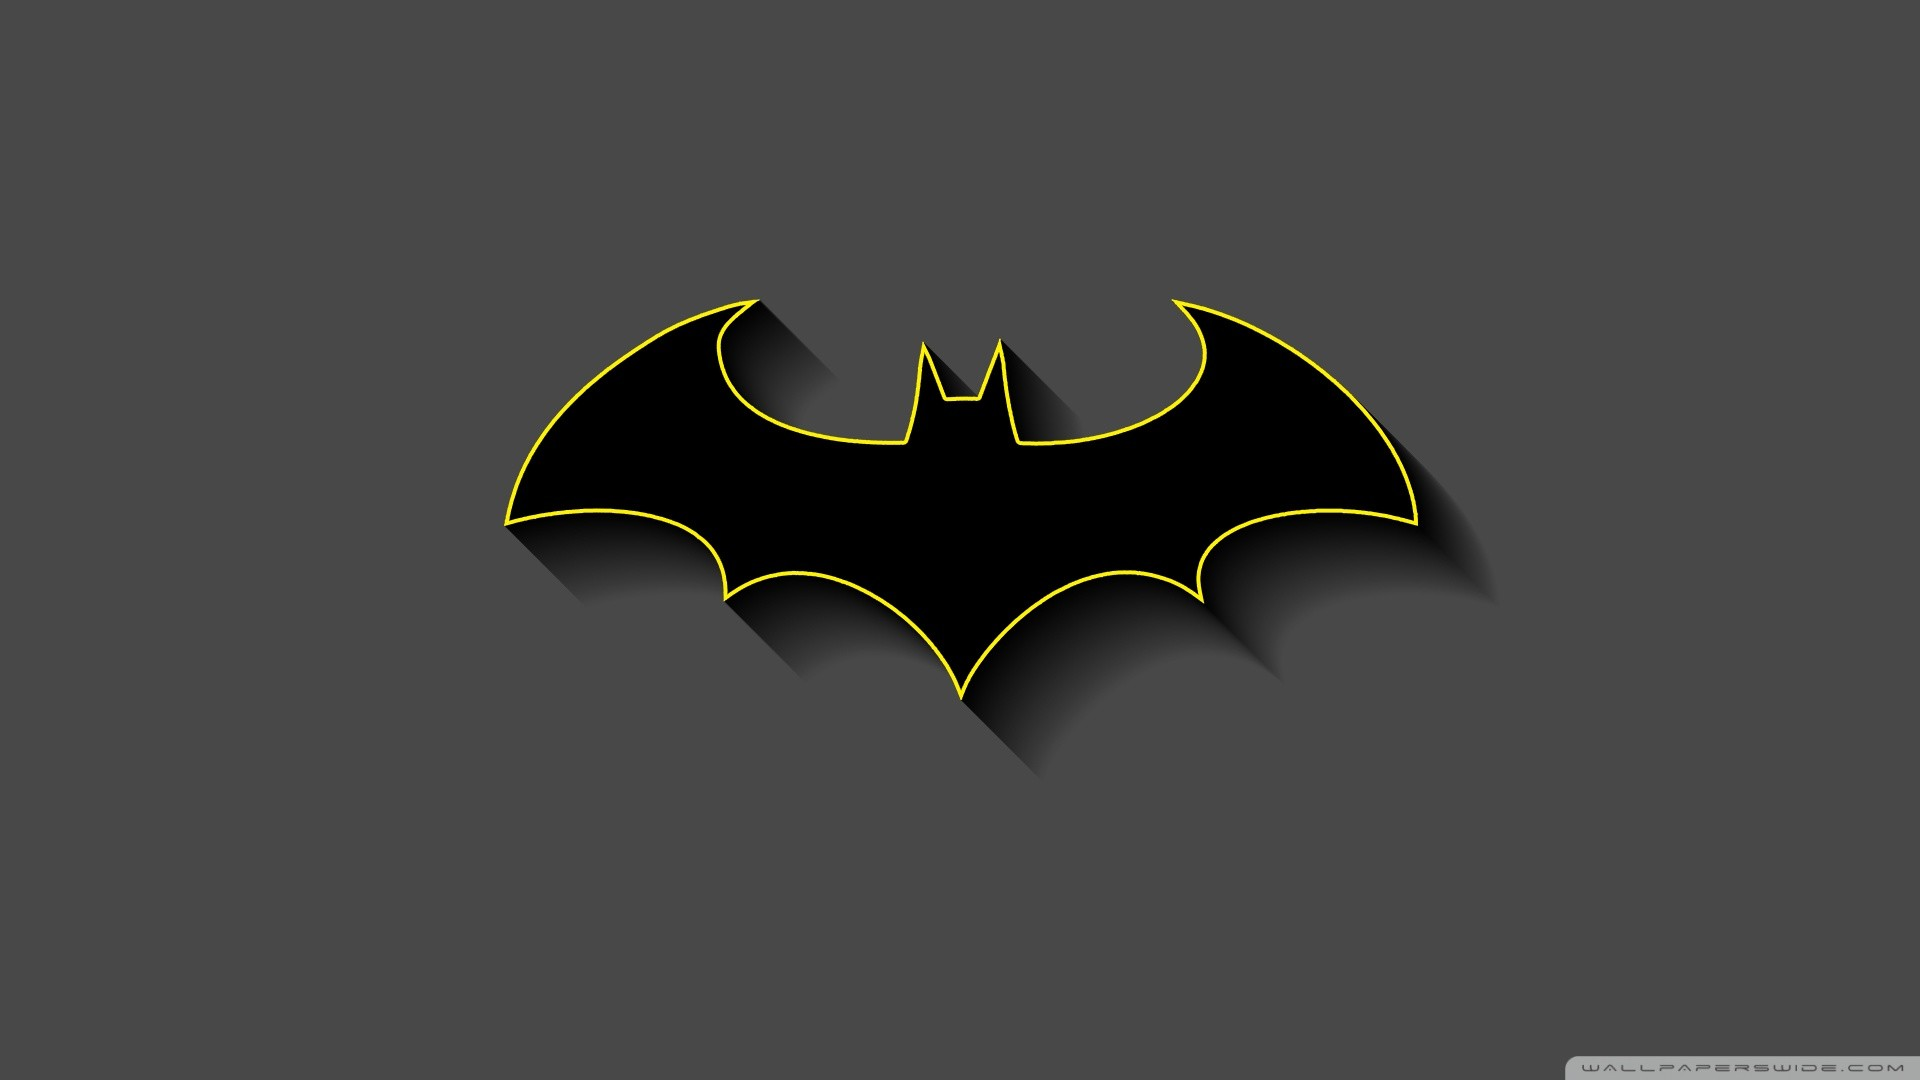 Batman Minimalist HD Wide Wallpaper for Widescreen